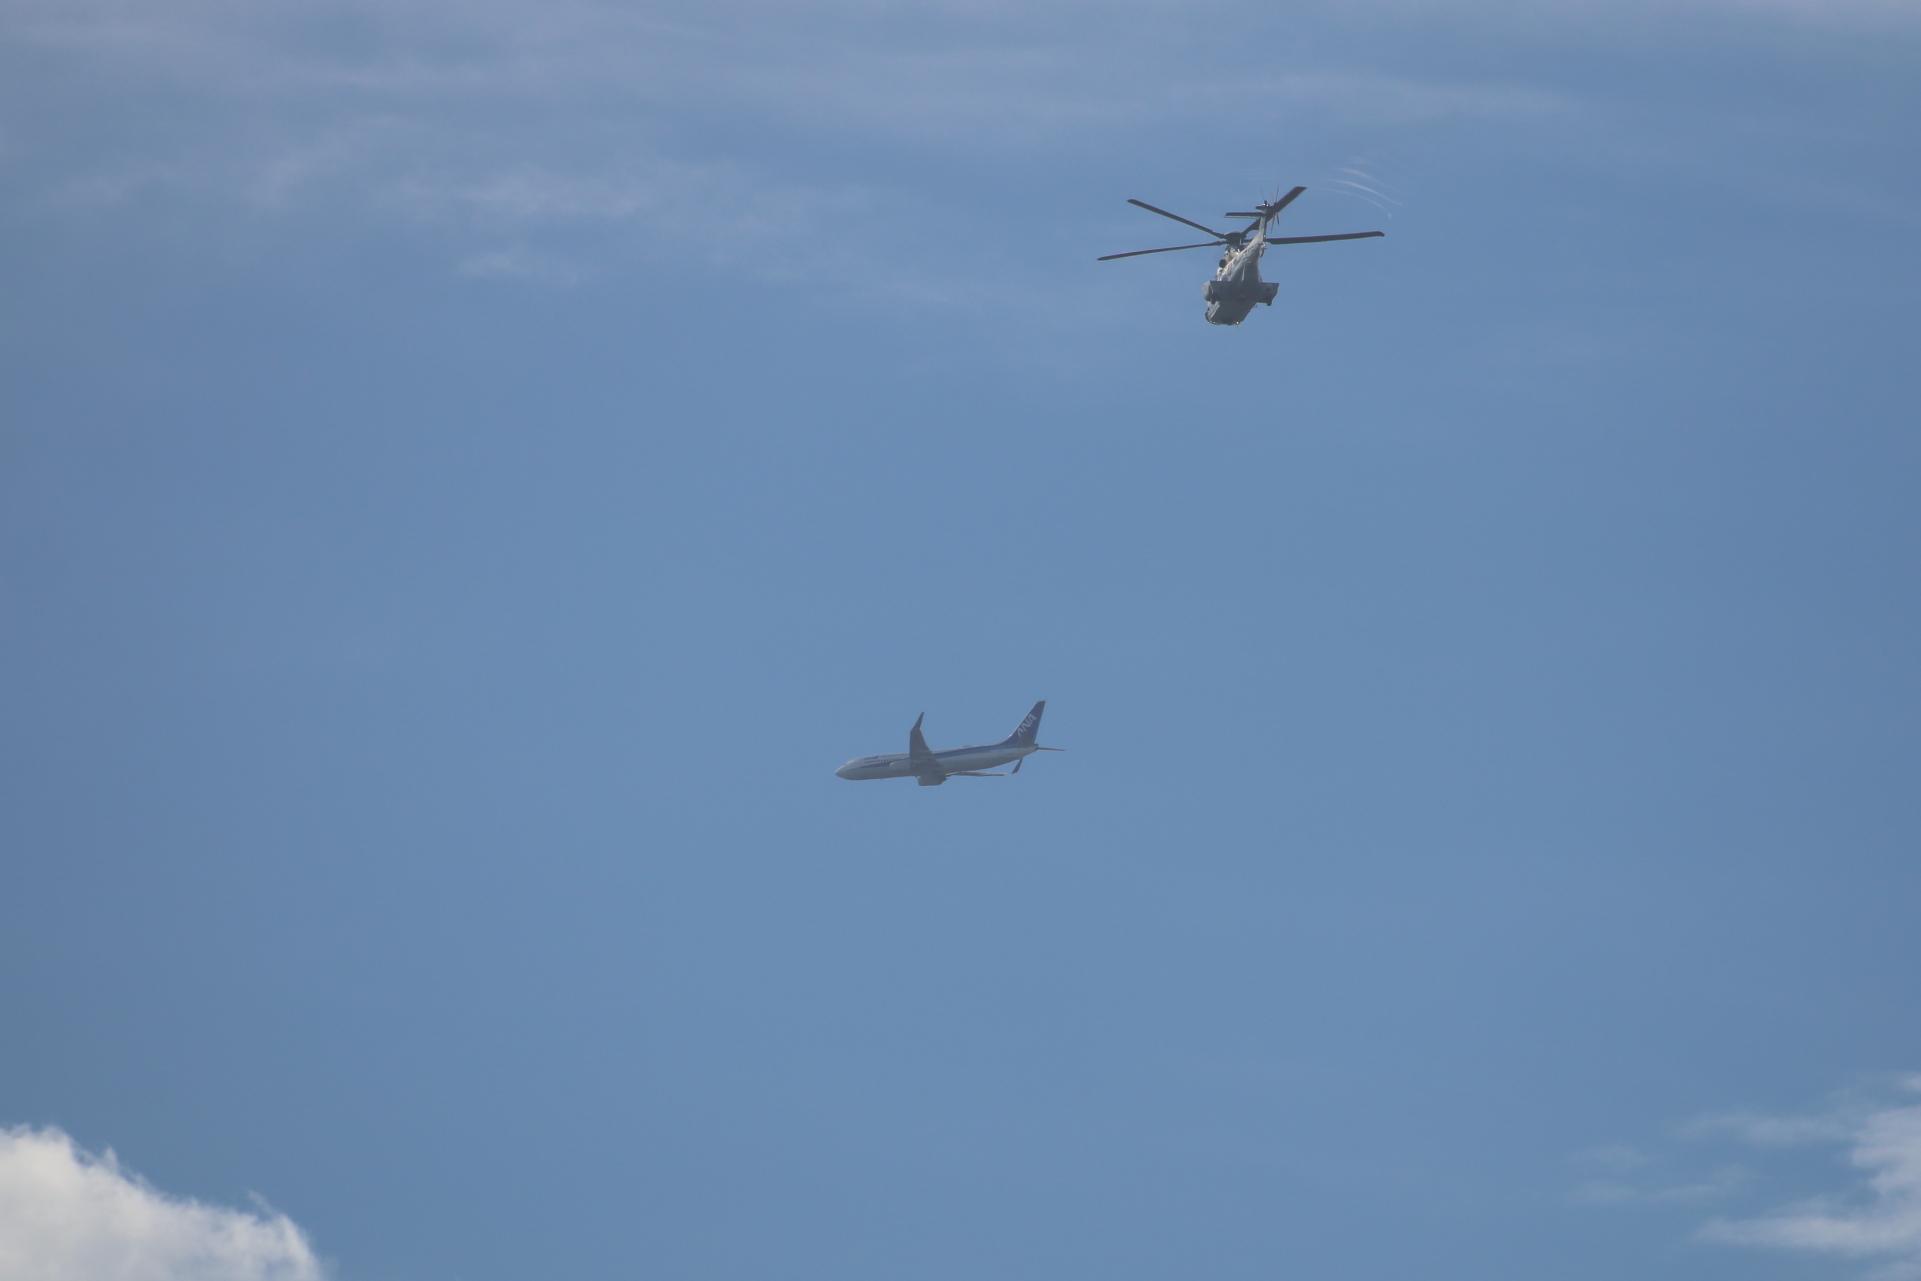 飛行機とヘリコプター